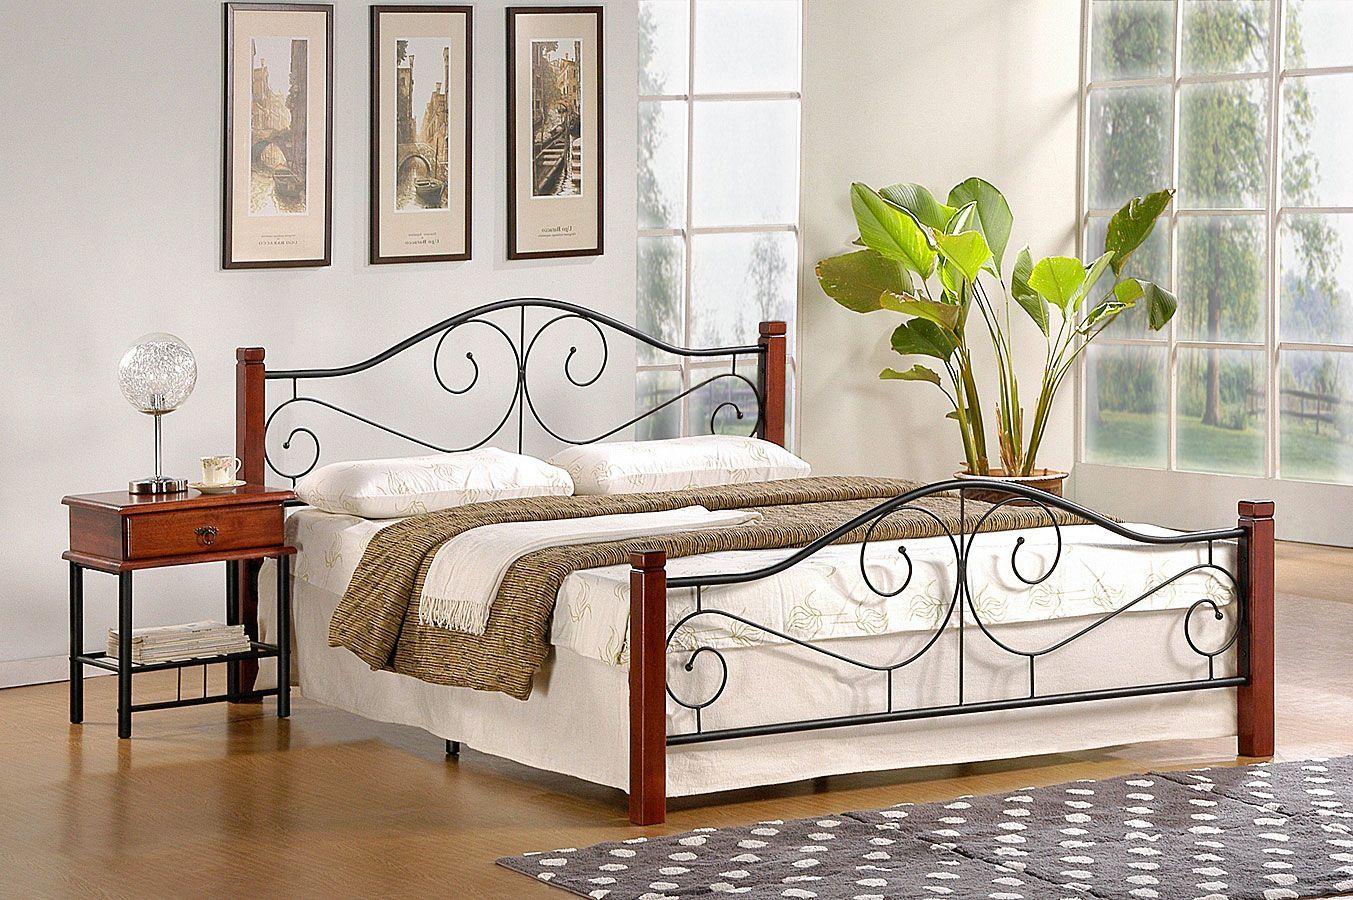 Łóżko Sirela 140x200 - czereśnia antyczna